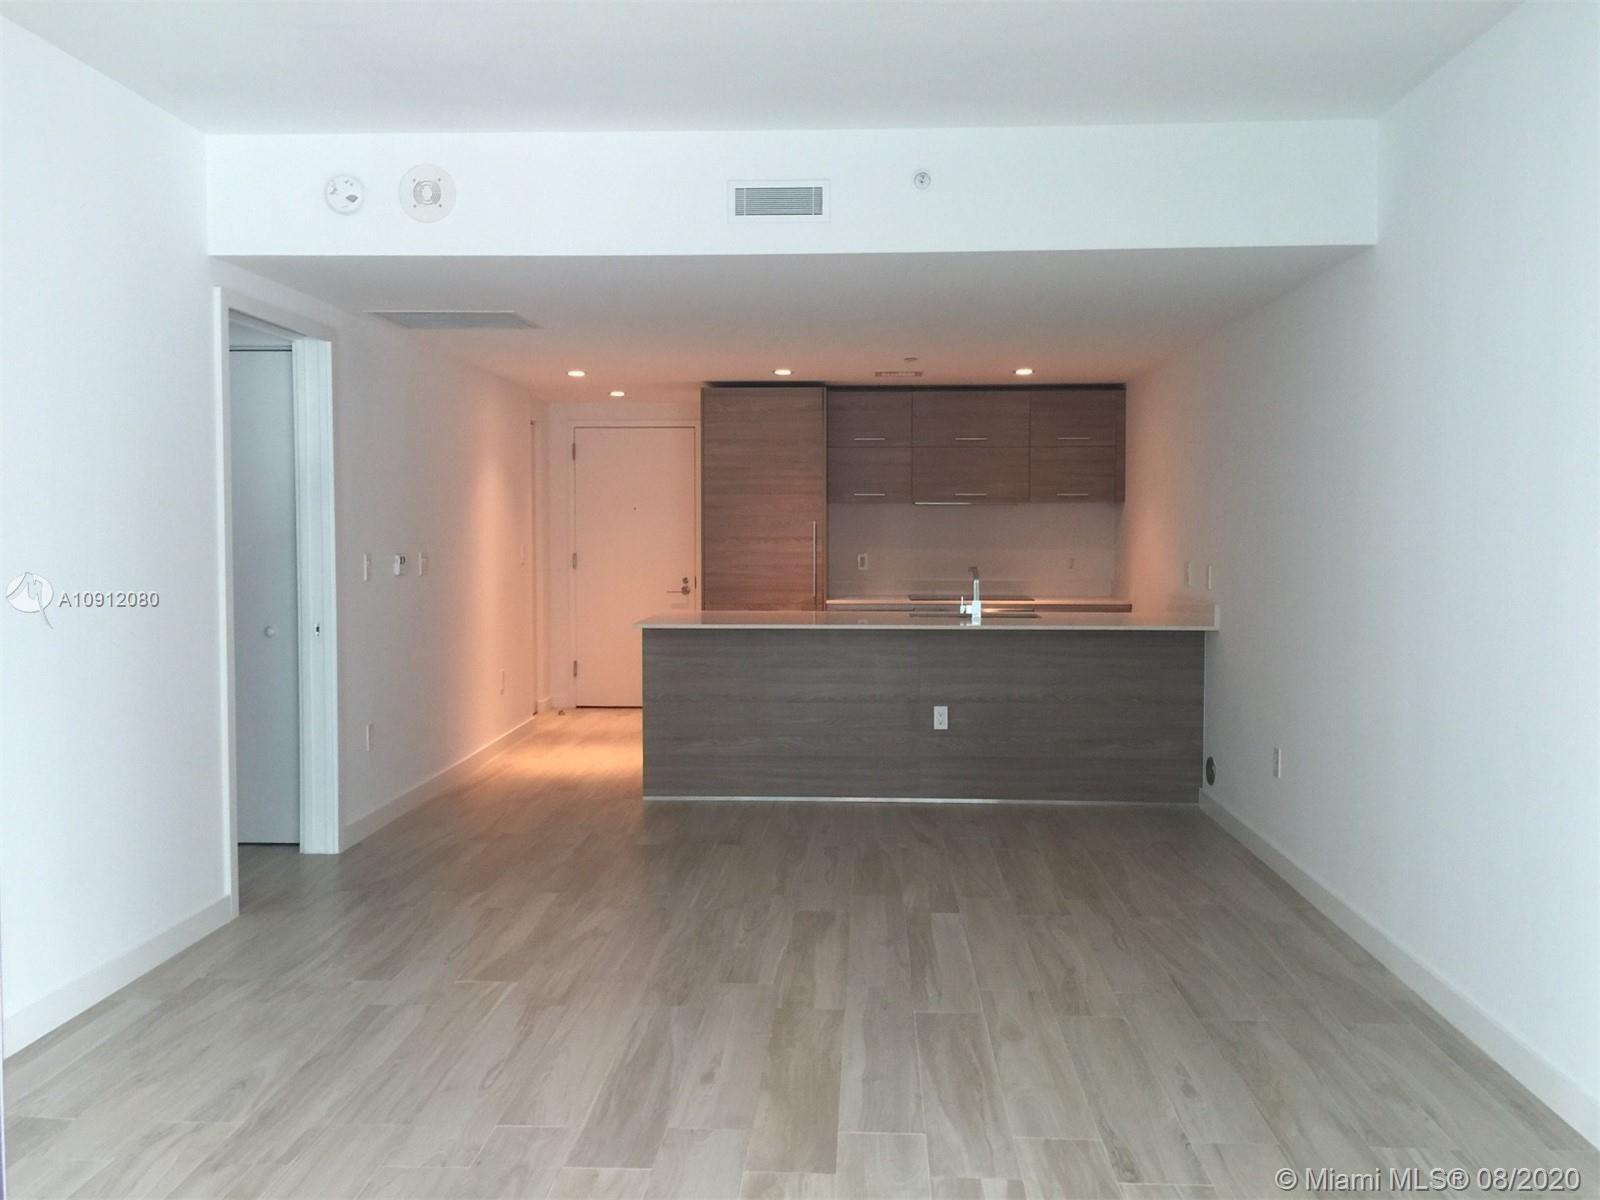 1300 S Miami Ave #1511, Miami, FL 33130 - #: A10912080